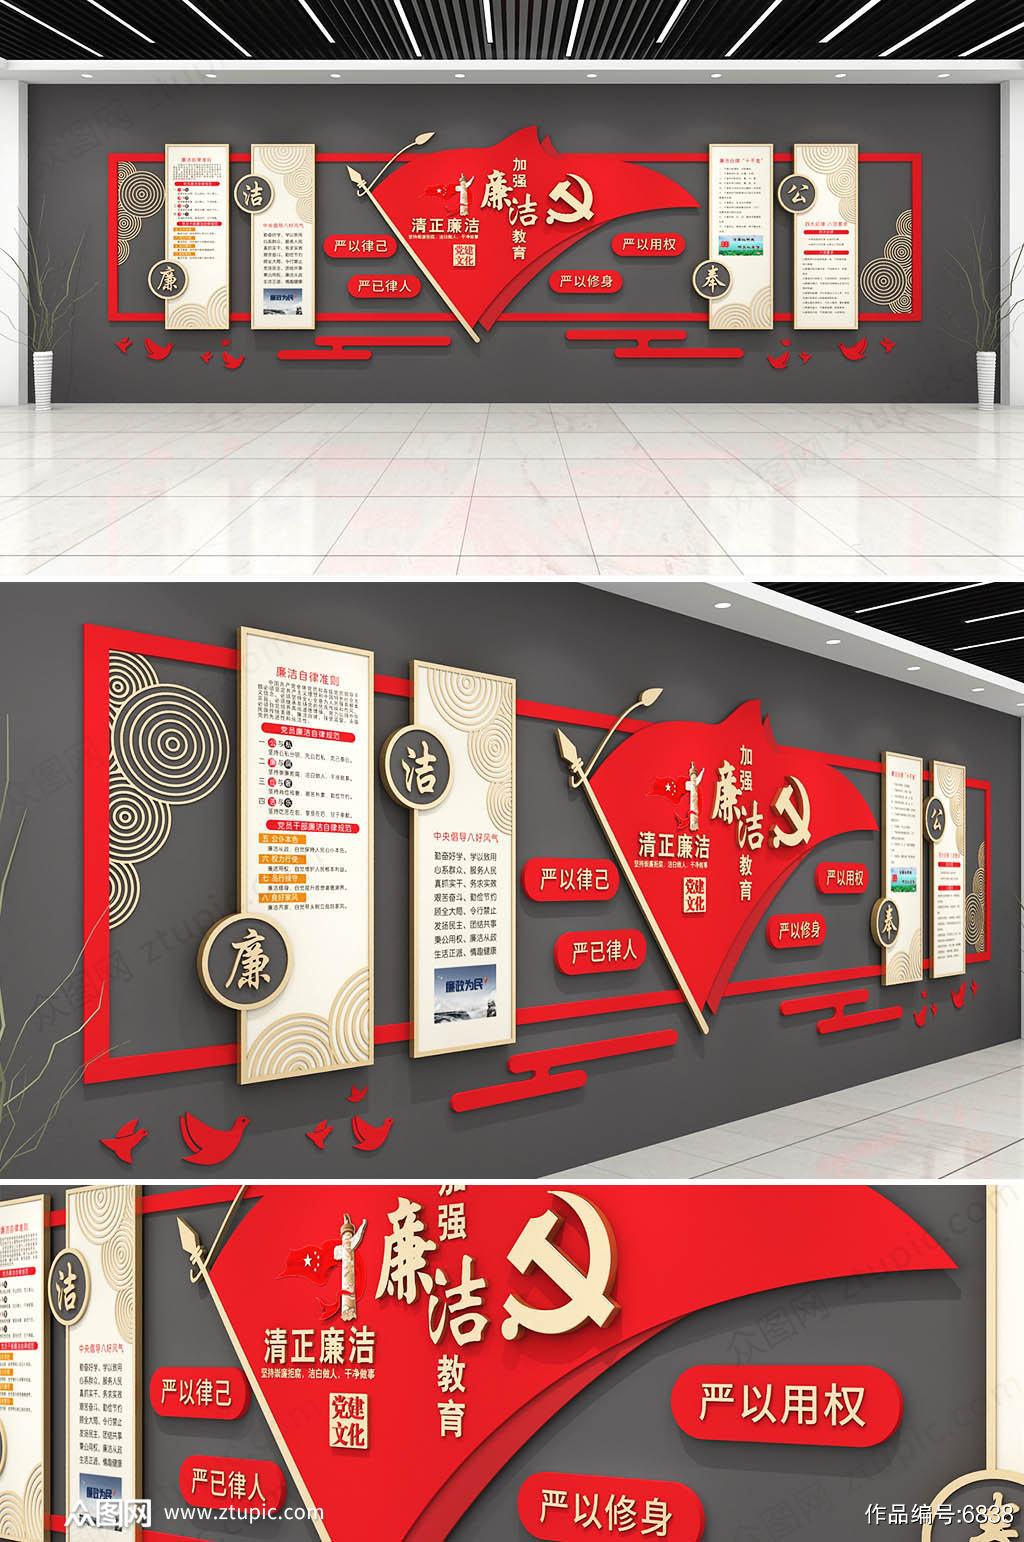 原创反腐建设廉政文化墙设计模板图片素材